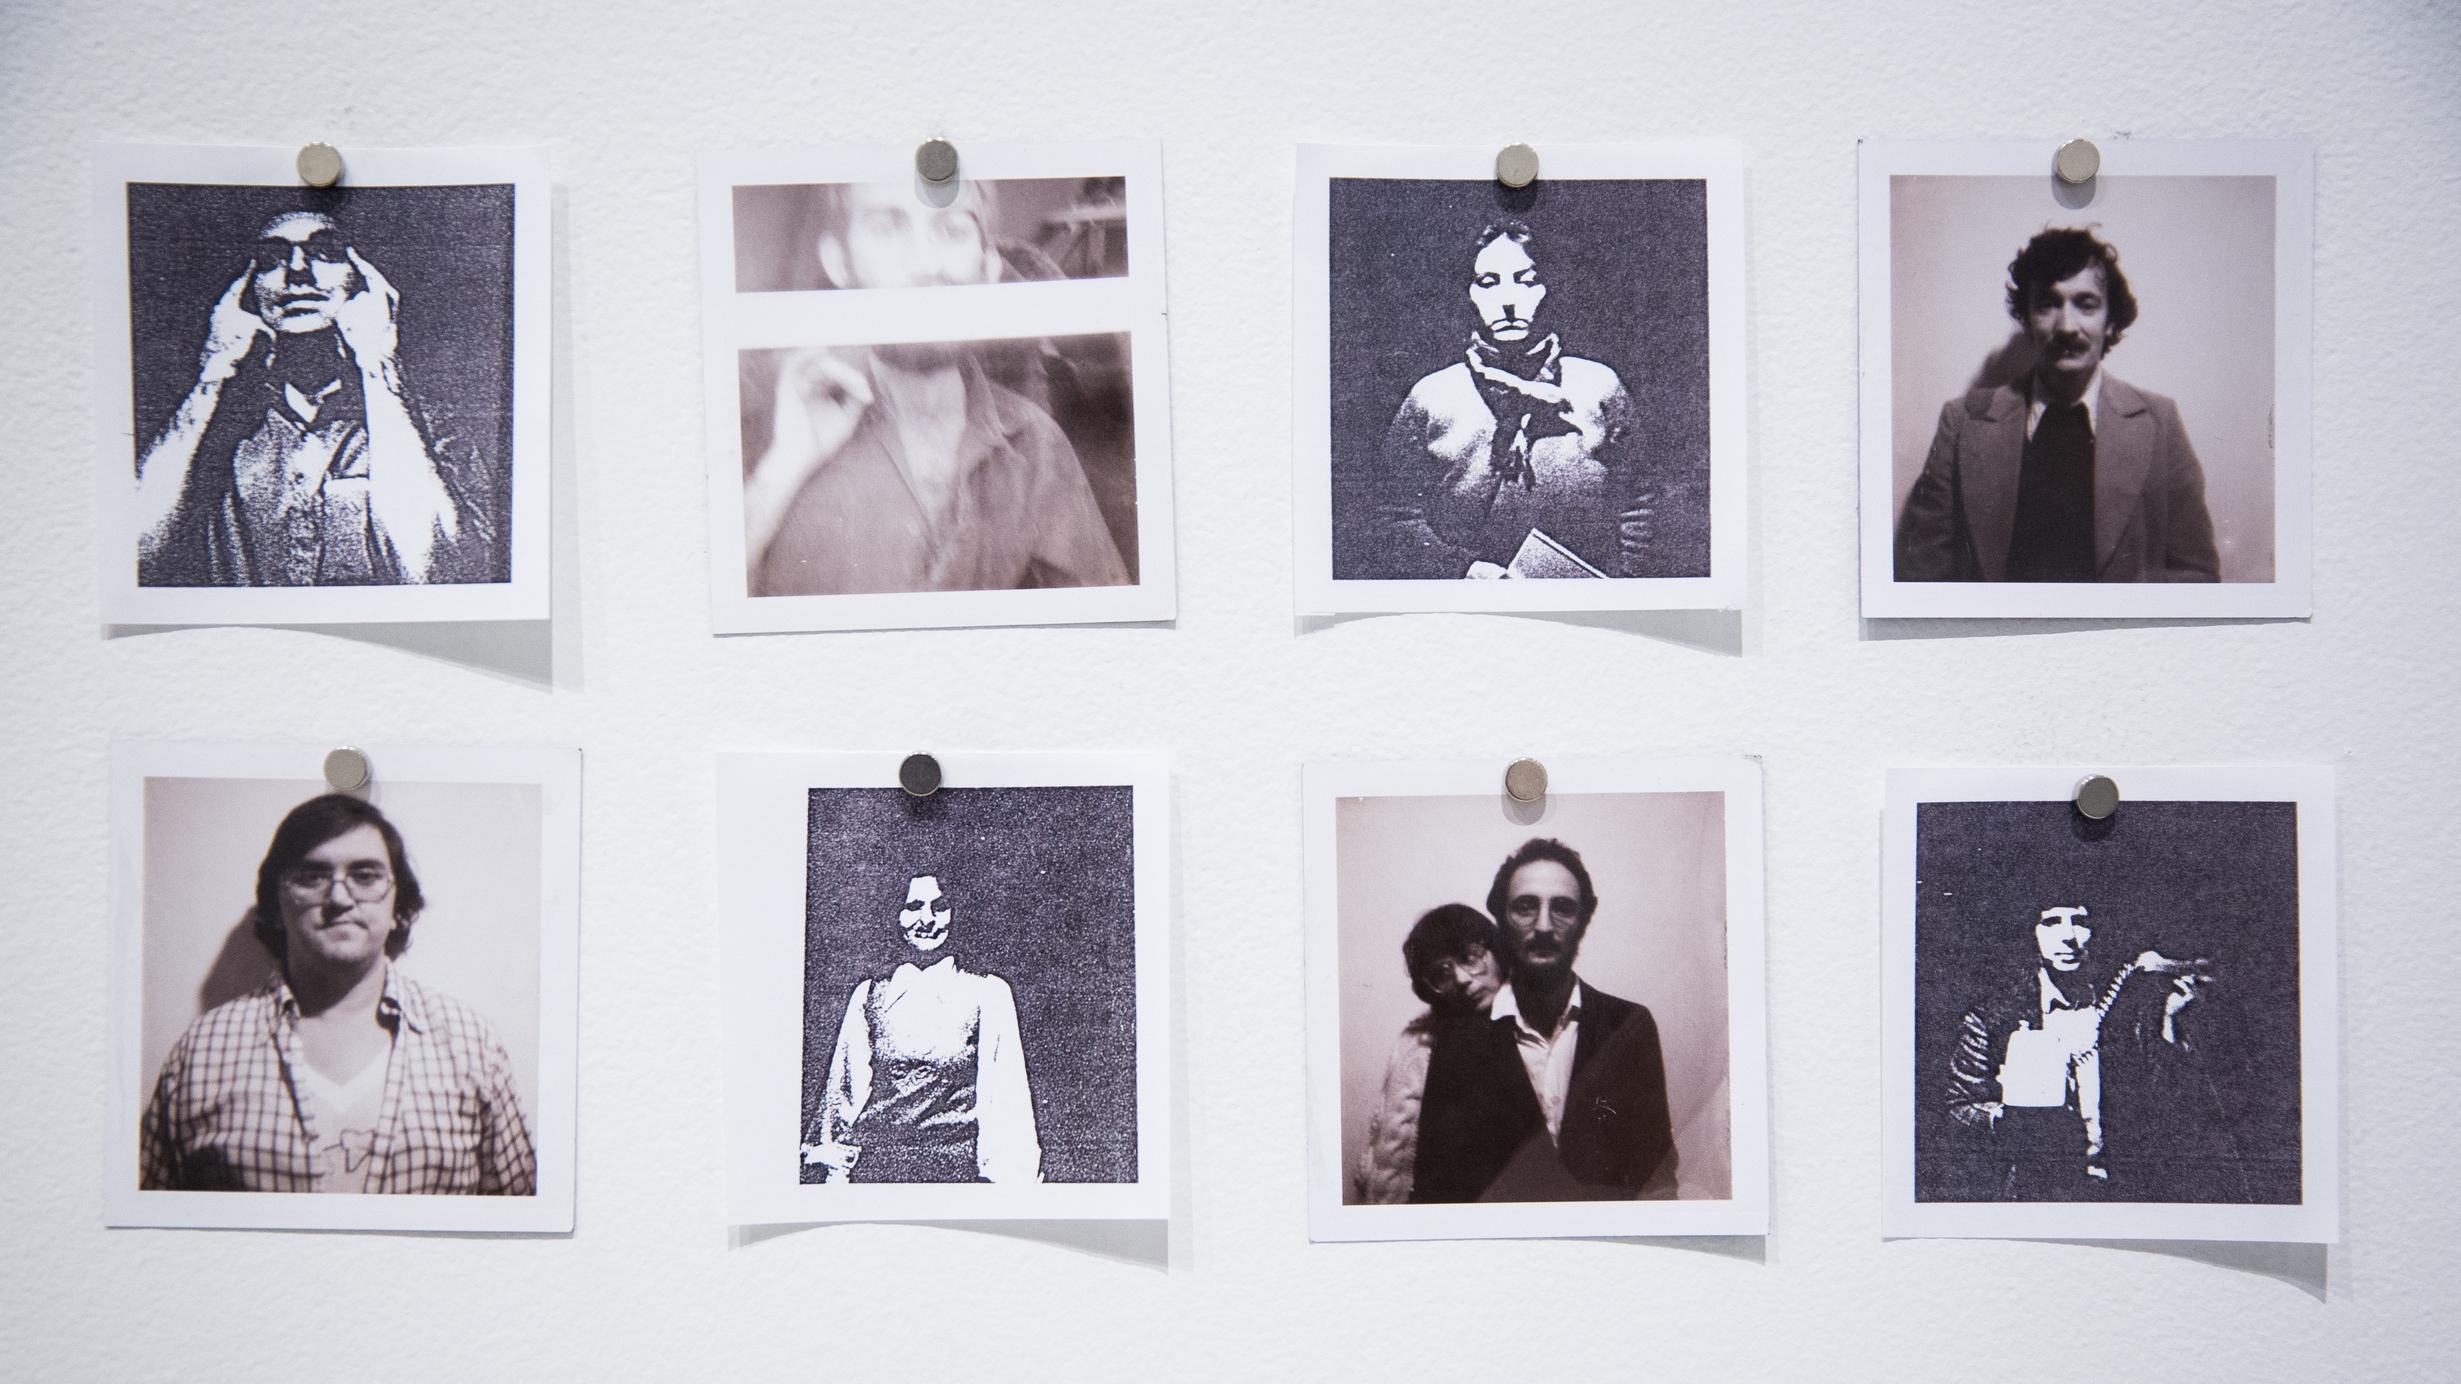 Montage de documents originaux et documents passés dans la machine photolaser. / © Elise Anne LaPlante 2015 / Photo : Annie France Noël